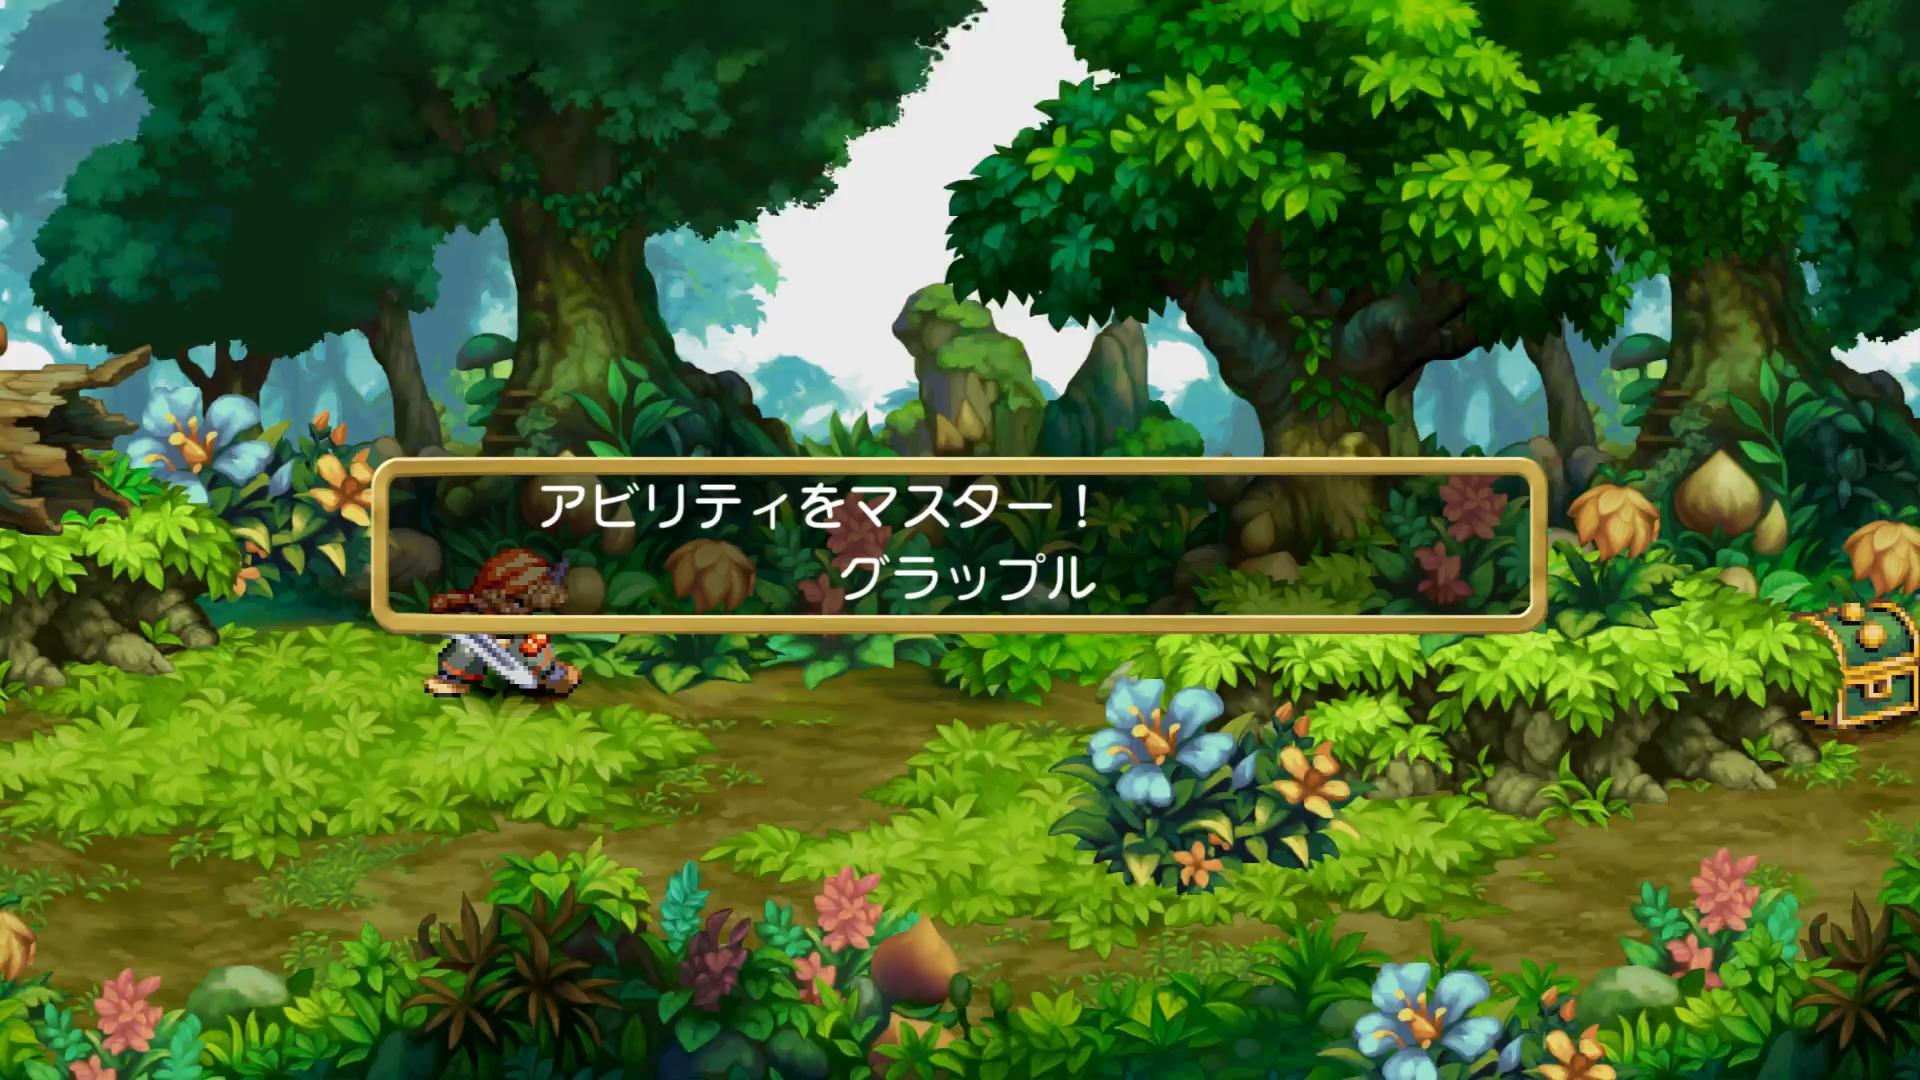 Legend-of-Mana-Remaster-17.jpg?ssl=1